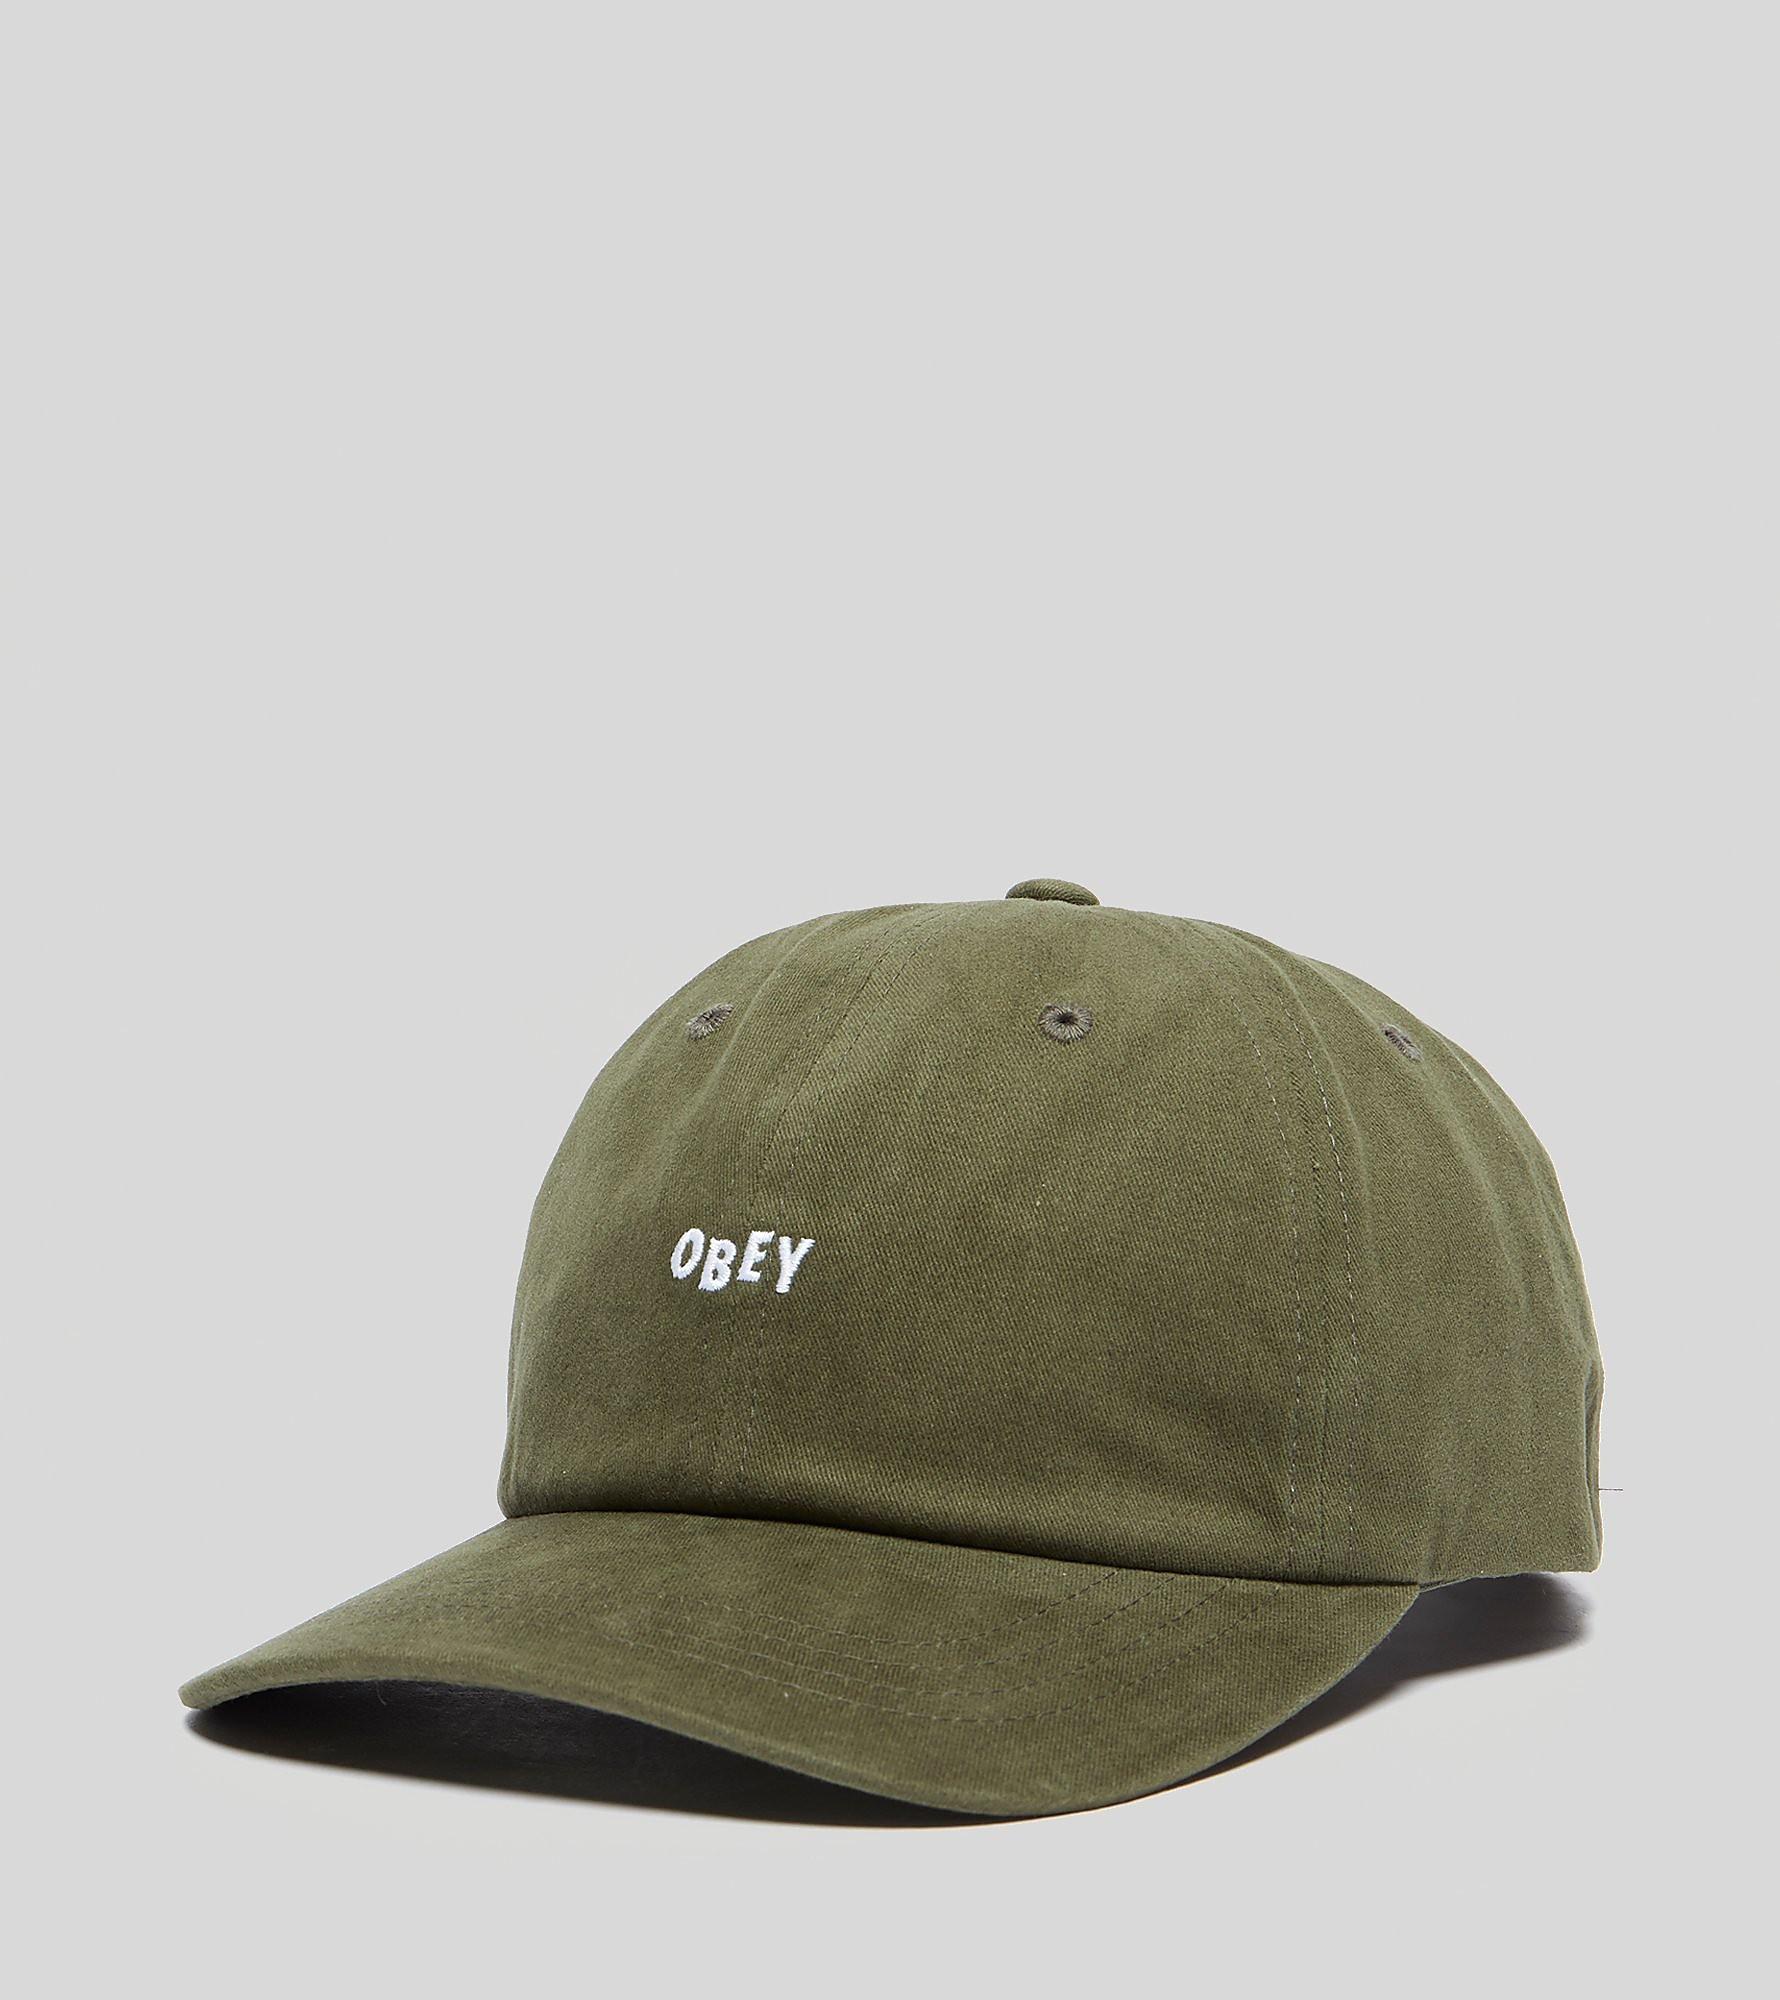 Obey Jumble Cap